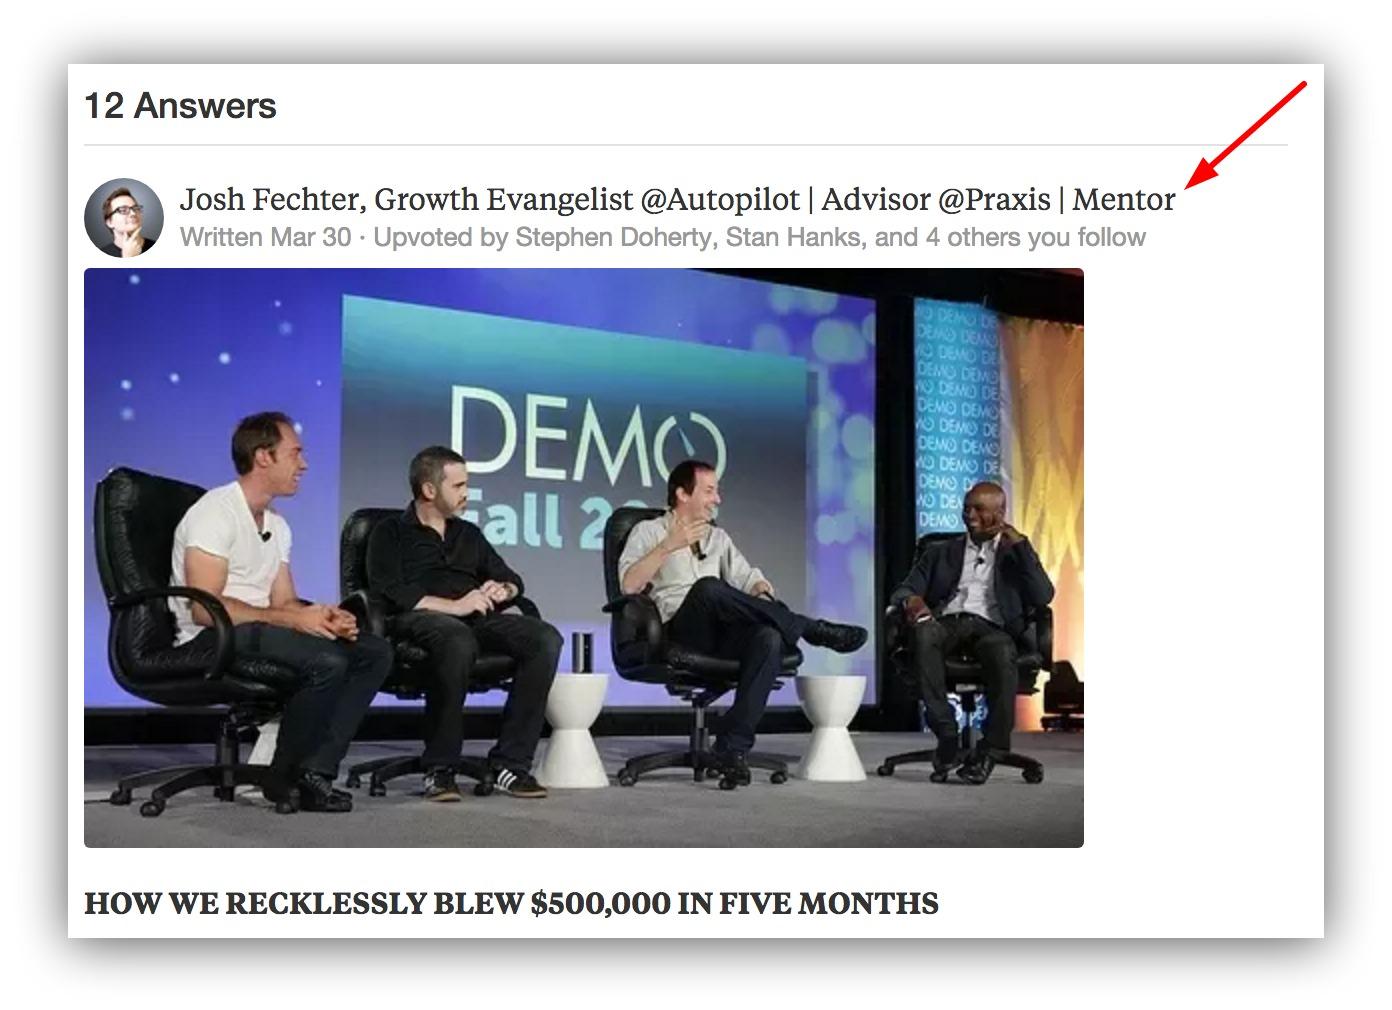 Screenshot showing Josh Fechter